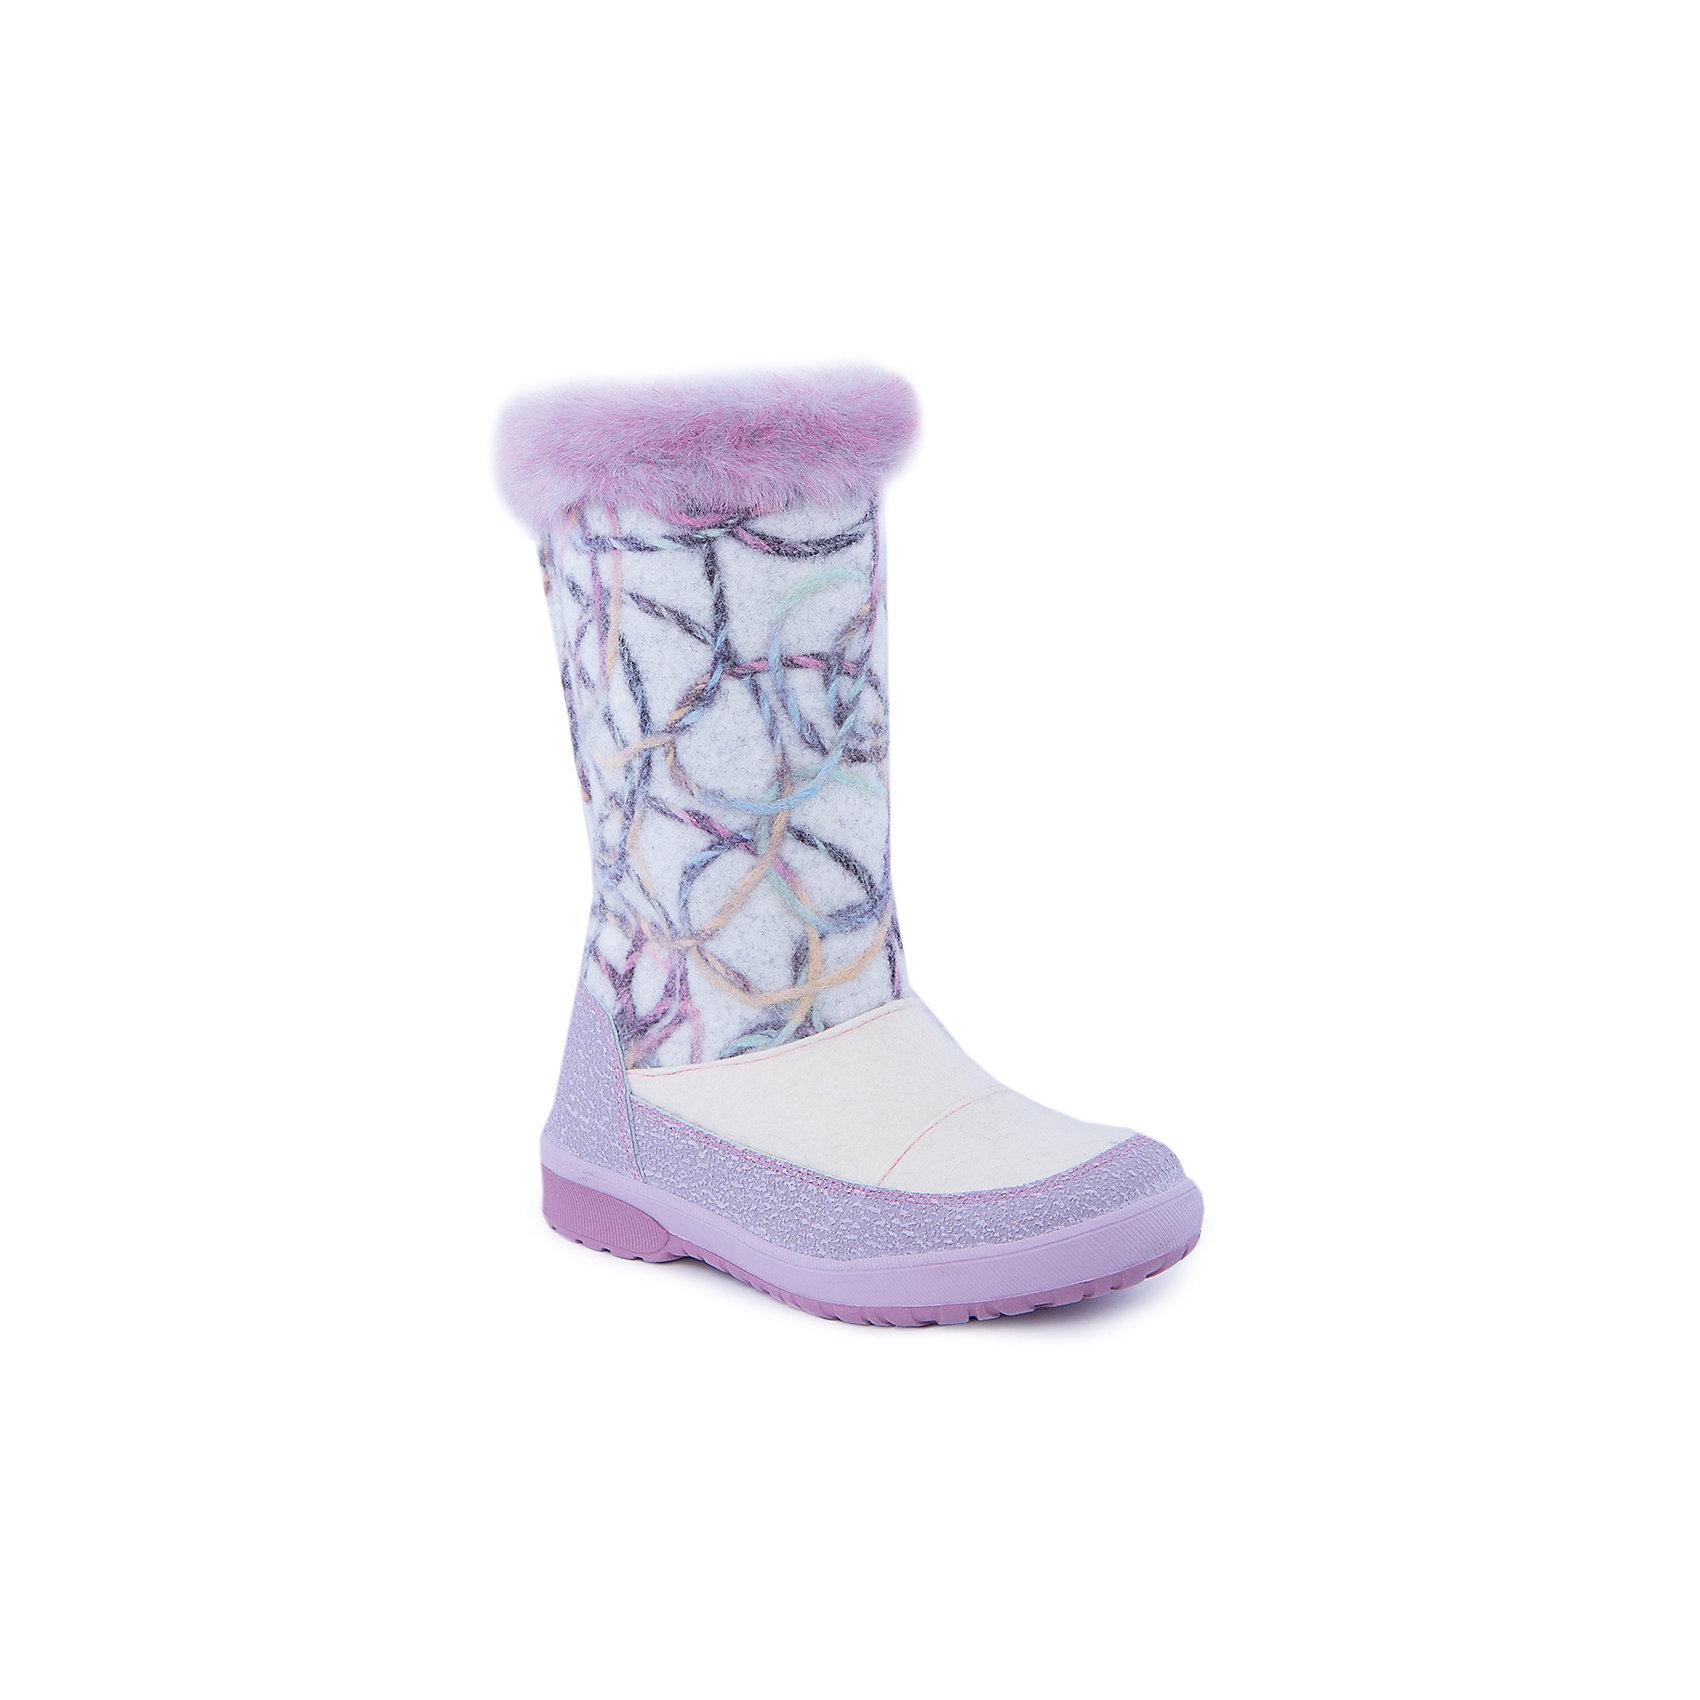 Сапоги для девочки КотофейВаленки<br>Валенки для девочки  от известного российского бренда Котофей<br><br>Модные и удобные валенки помогут защитить детские ножки от сырости и холода. Они легко надеваются, комфортно садятся по ноге.<br><br>Особенности модели: <br><br>- цвет - белый, сиреневый;<br>- стильный дизайн;<br>- опушка сверху;<br>- защита пятки и пальцев;<br>- удобная колодка;<br>- подкладка утепленная;<br>- вид крепления – клеевой;<br>- амортизирующая подошва;<br>- застежка - молния.<br><br>Дополнительная информация:<br><br>Температурный режим: <br><br>от 0° С до -25° С<br><br>Состав:<br>верх – войлок;<br>подкладка - шерстяной мех;<br>подошва - ТЭП.<br><br>Валенки для девочки Котофей можно купить в нашем магазине.<br><br>Ширина мм: 257<br>Глубина мм: 180<br>Высота мм: 130<br>Вес г: 420<br>Цвет: белый<br>Возраст от месяцев: 156<br>Возраст до месяцев: 168<br>Пол: Женский<br>Возраст: Детский<br>Размер: 37,36,35,33,32,34,37.5<br>SKU: 4315341